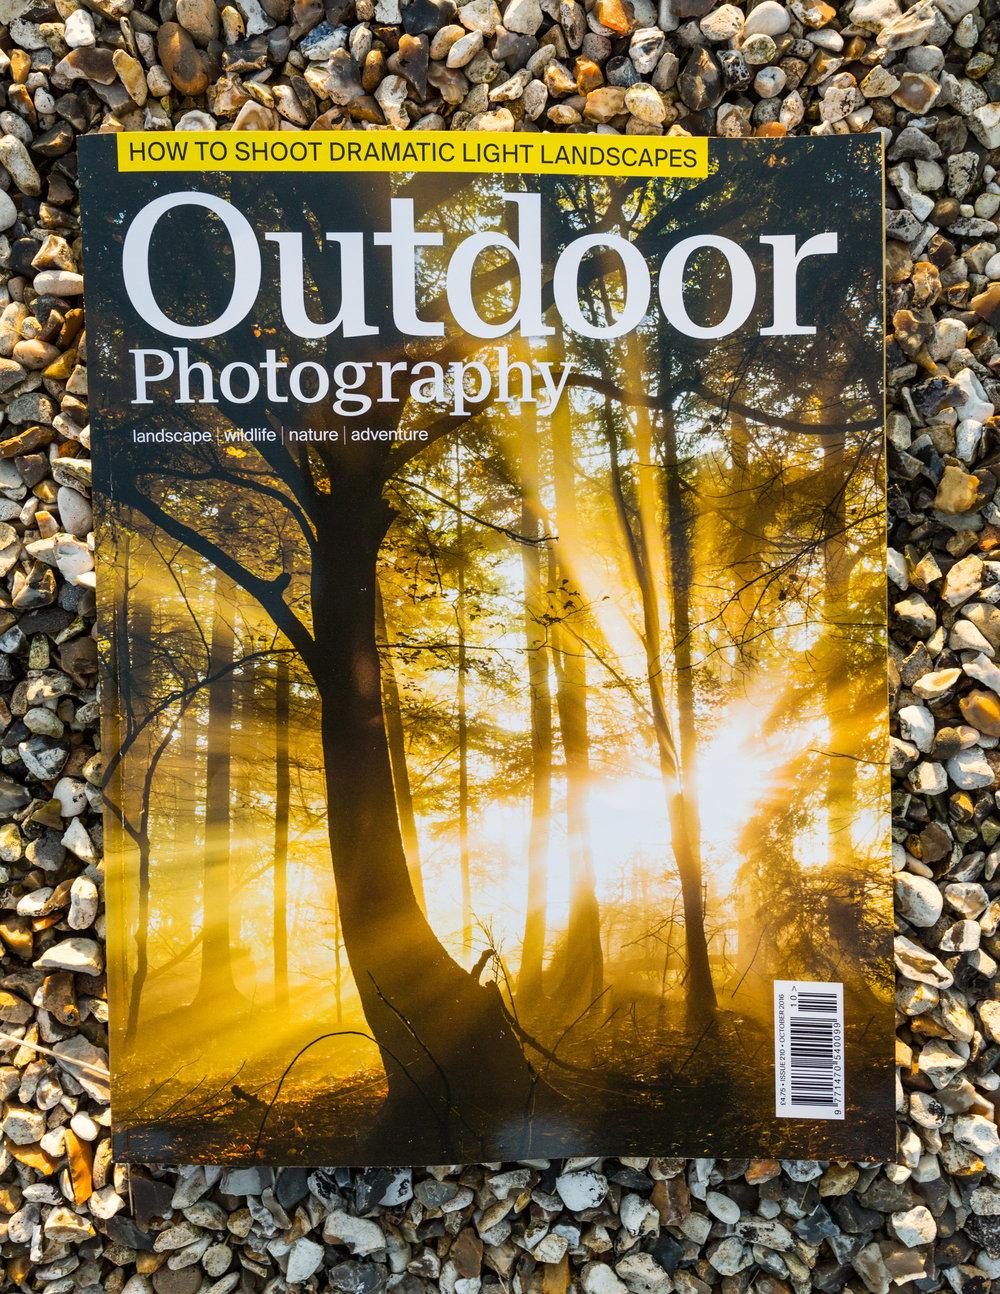 BenReadPhotography_OutdoorPhotographyMagazine-3.jpg